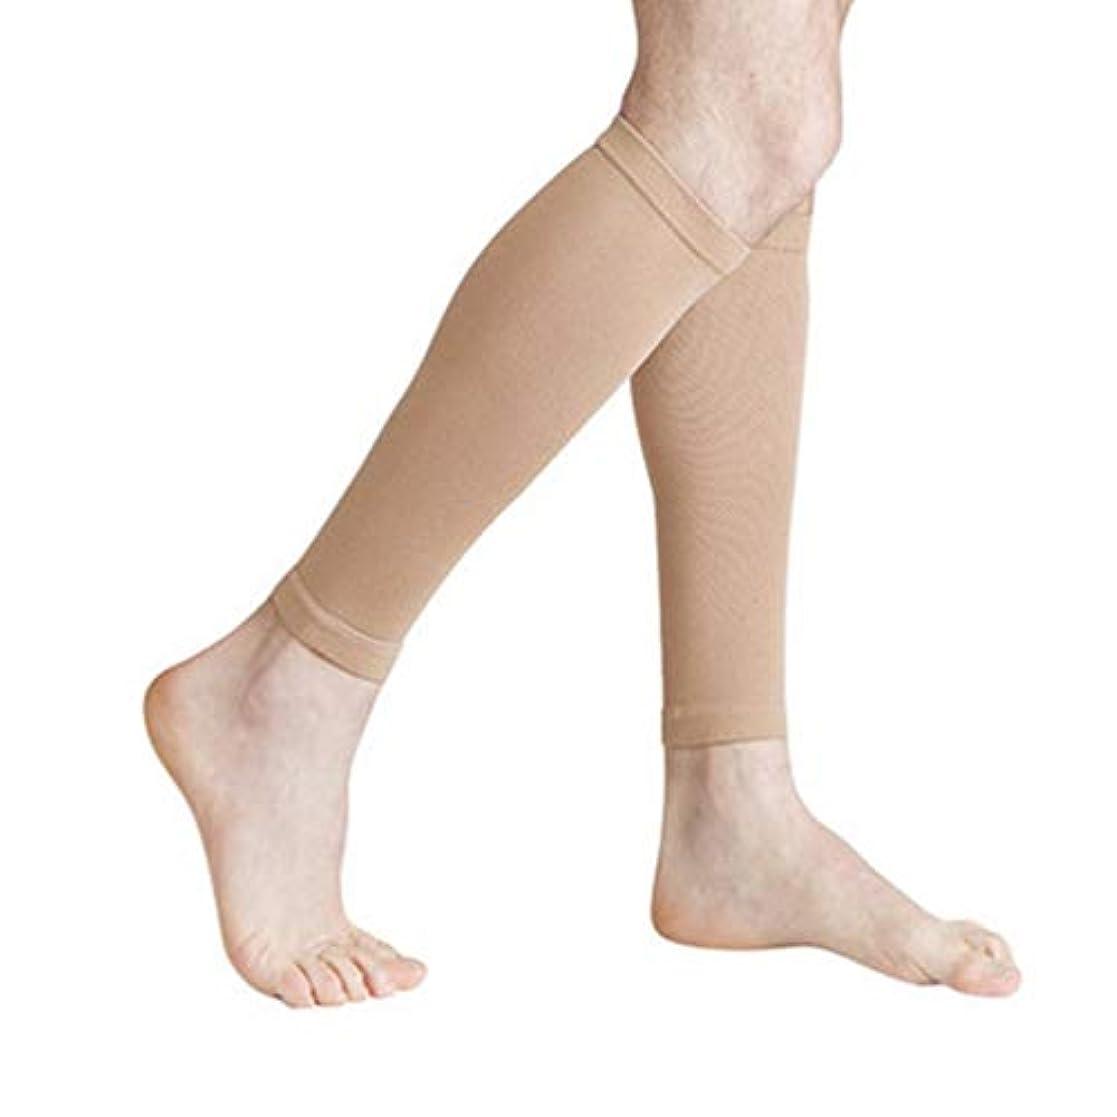 クルーフレキシブルアルバム丈夫な男性女性プロの圧縮靴下通気性のある旅行活動看護師用シントスプリントフライトトラベル - 肌色